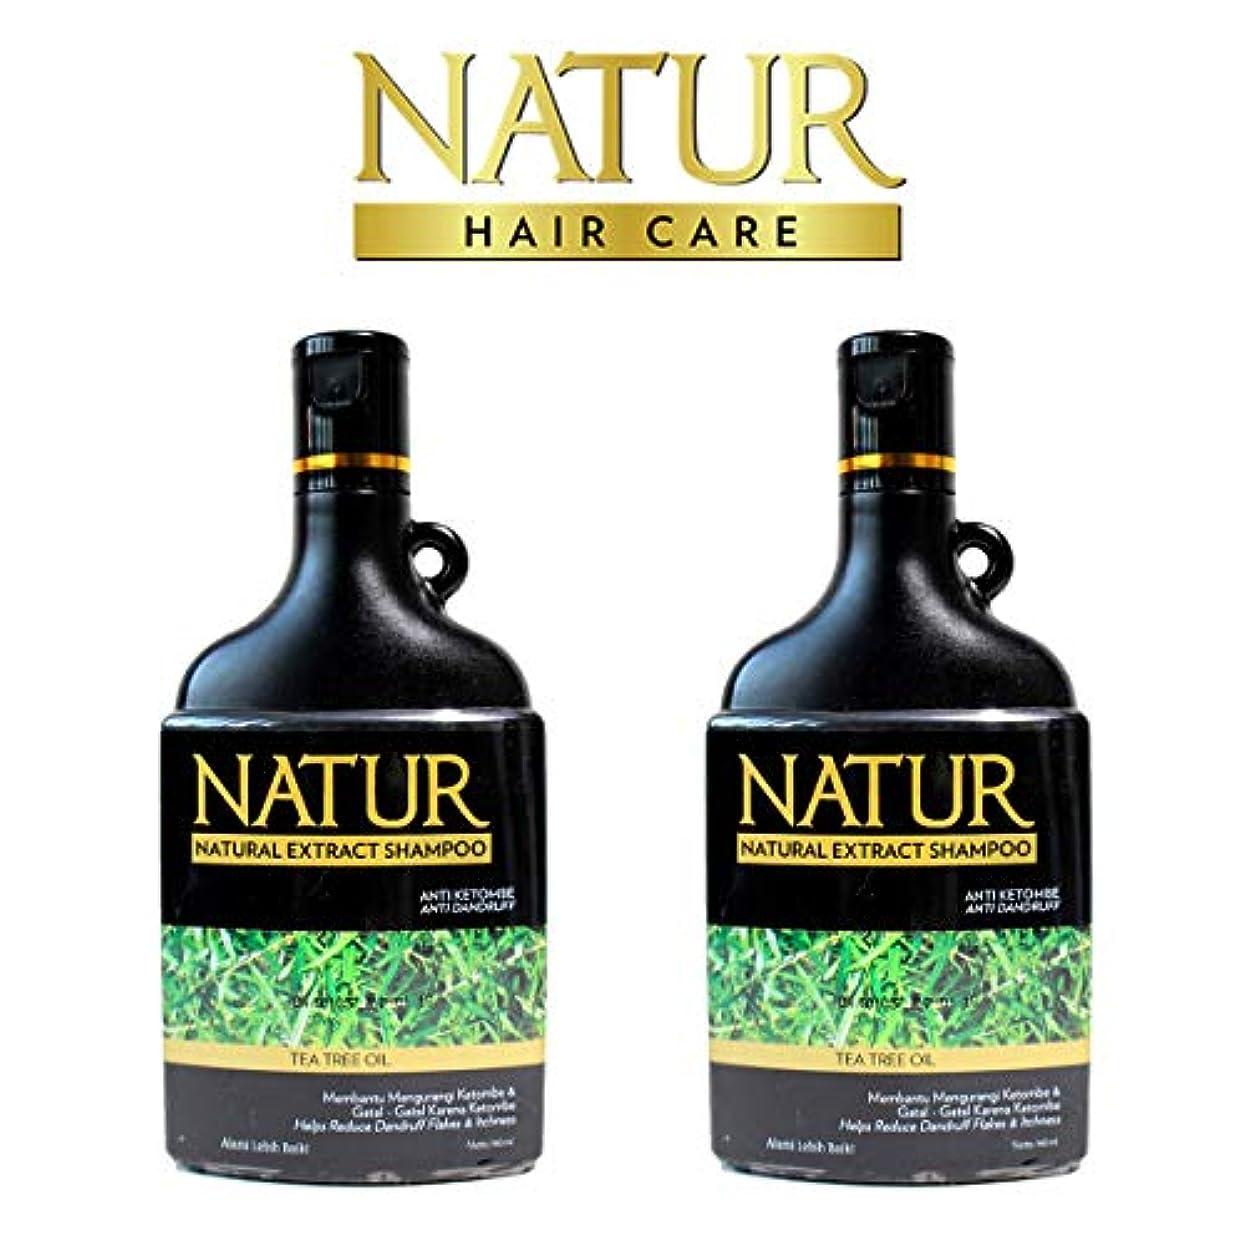 多年生既に一瞬NATUR ナトゥール 天然植物エキス配合 ハーバルシャンプー 140ml×2個セット Tea tree oil ティートゥリーオイル [海外直商品]